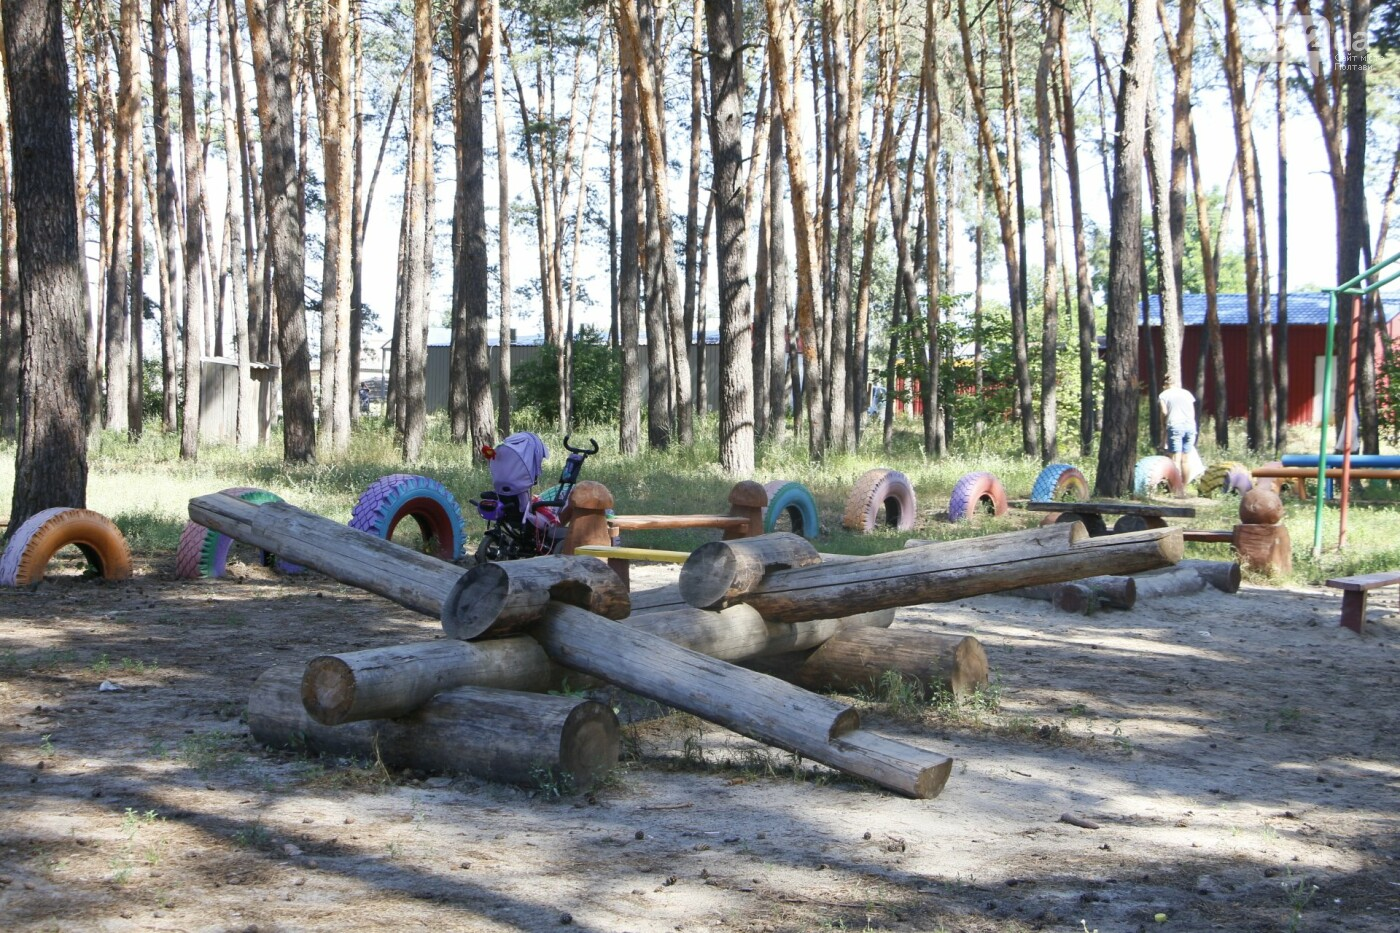 Полтавські лісівники захищають ліси під час надзвичайної пожежної небезпеки, фото-35